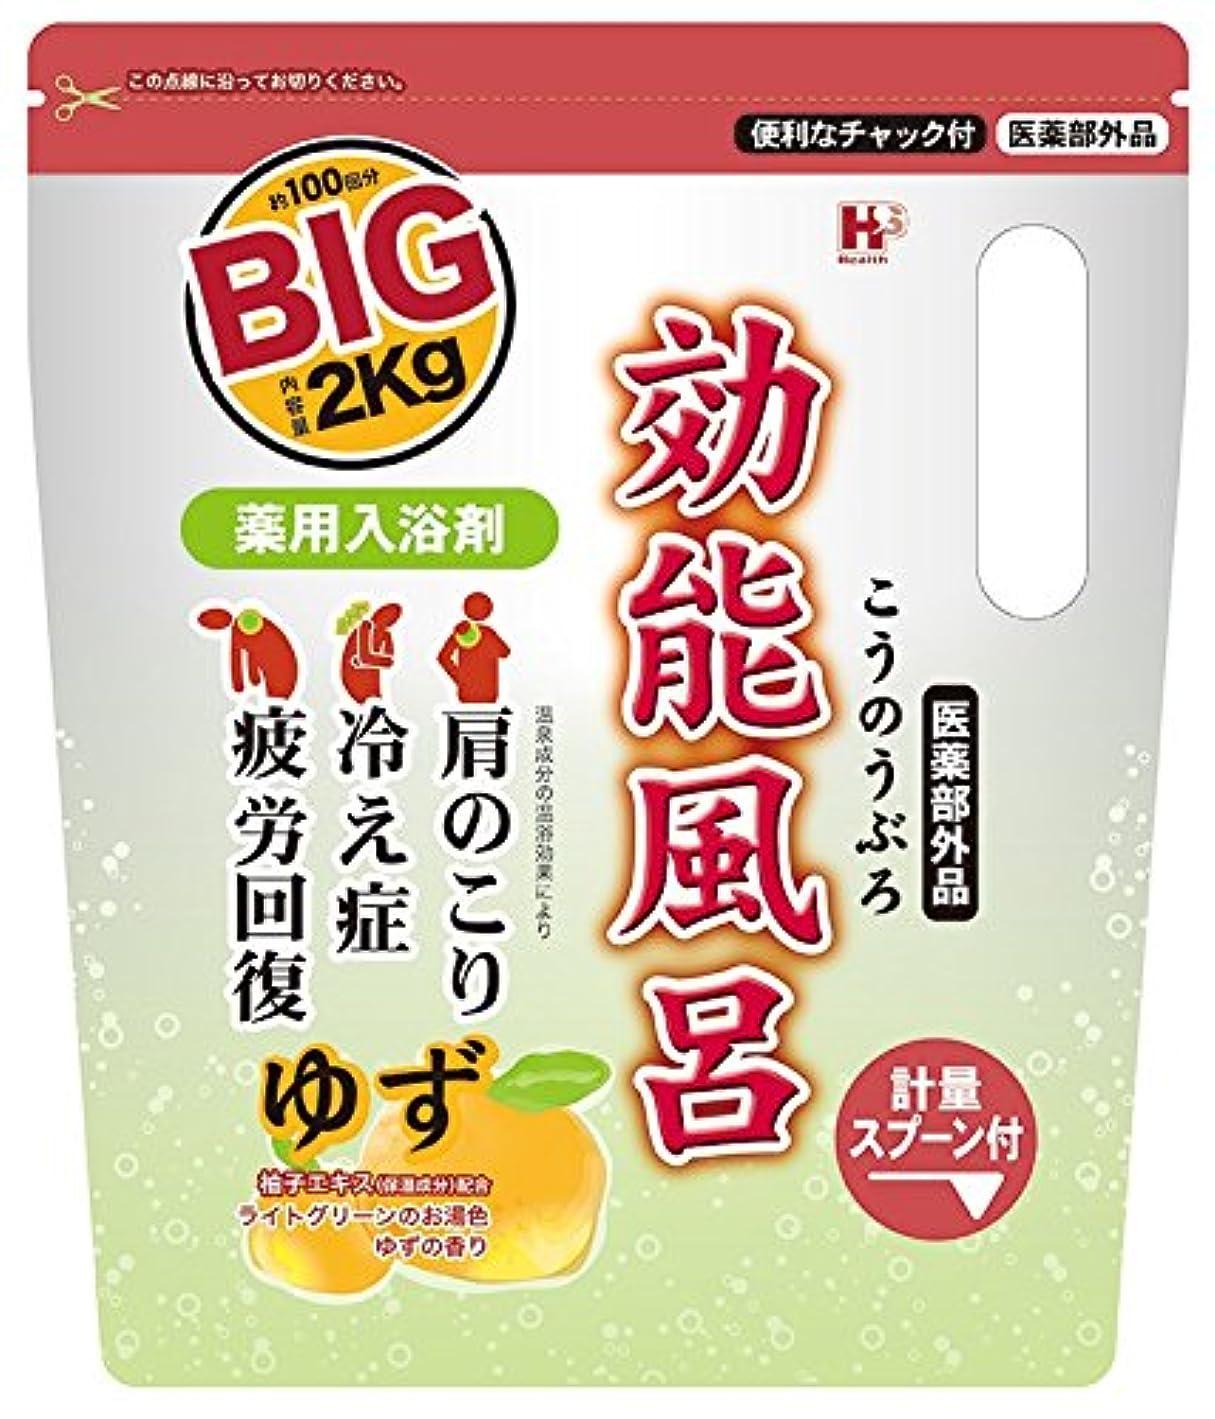 こどもの日反対した合わせて薬用入浴剤 効能風呂 ゆずの香り BIGサイズ 2kg [医薬部外品]